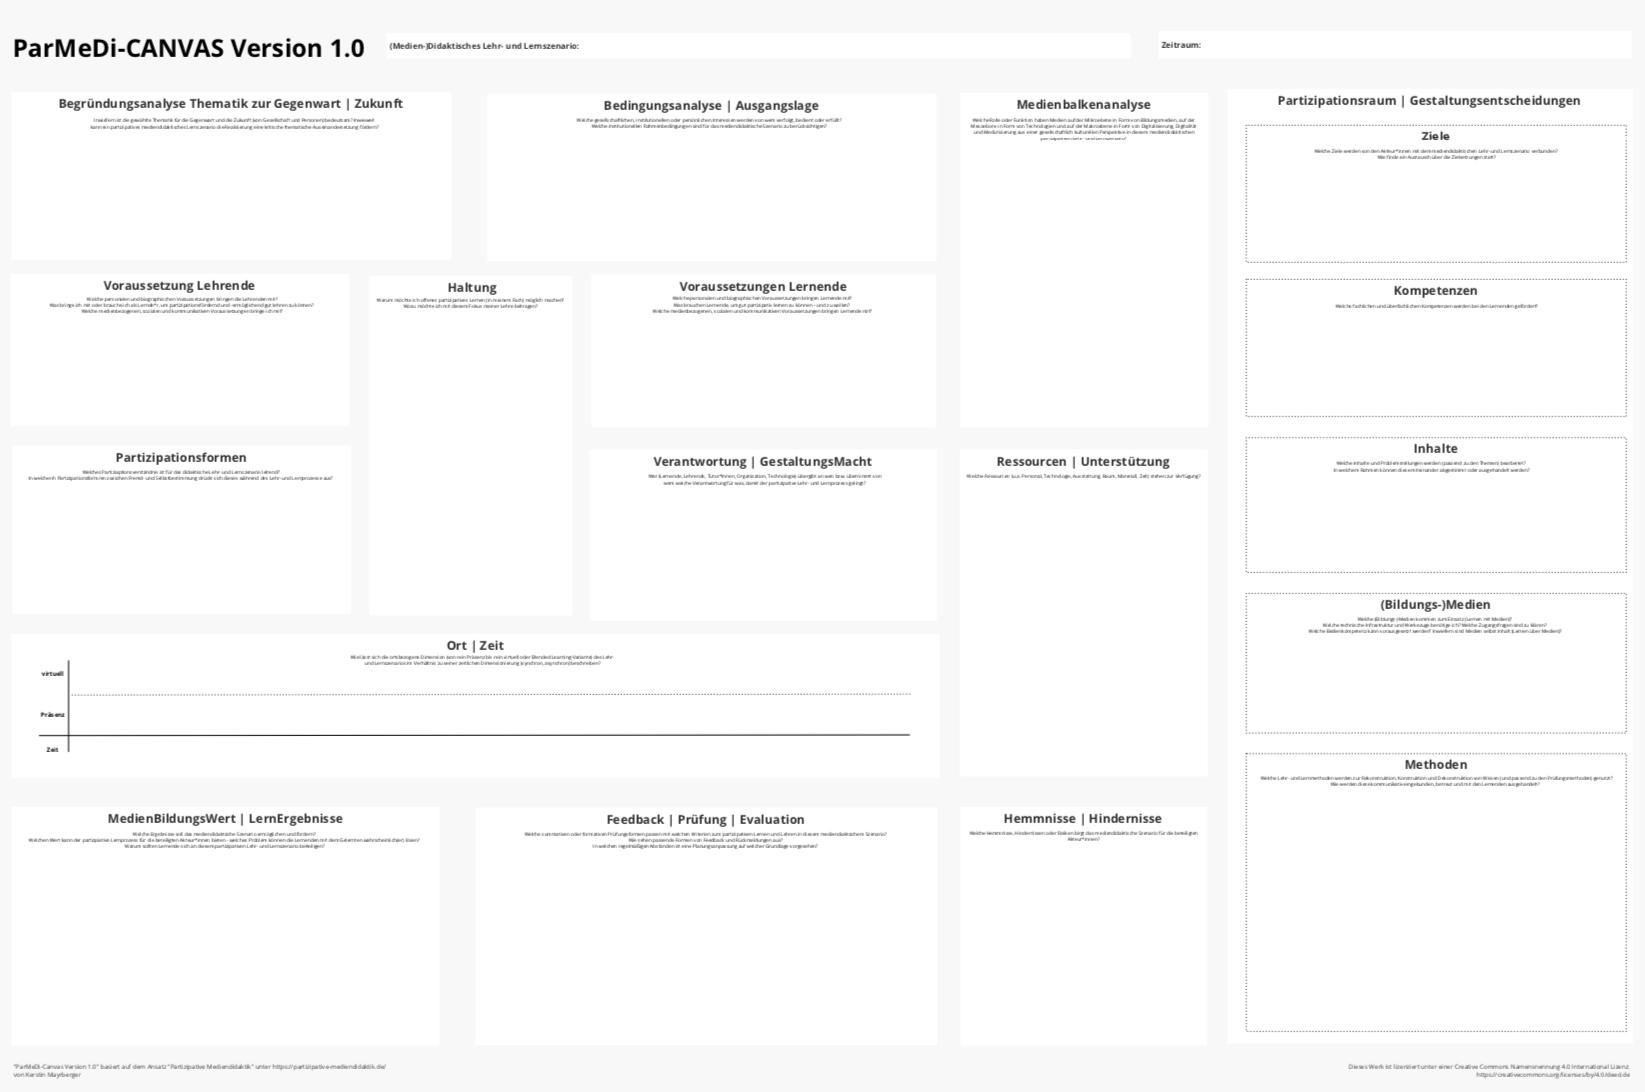 Miniaturbild Planungscanvas Partizipative Mediendidaktik - kurz ParMeDi